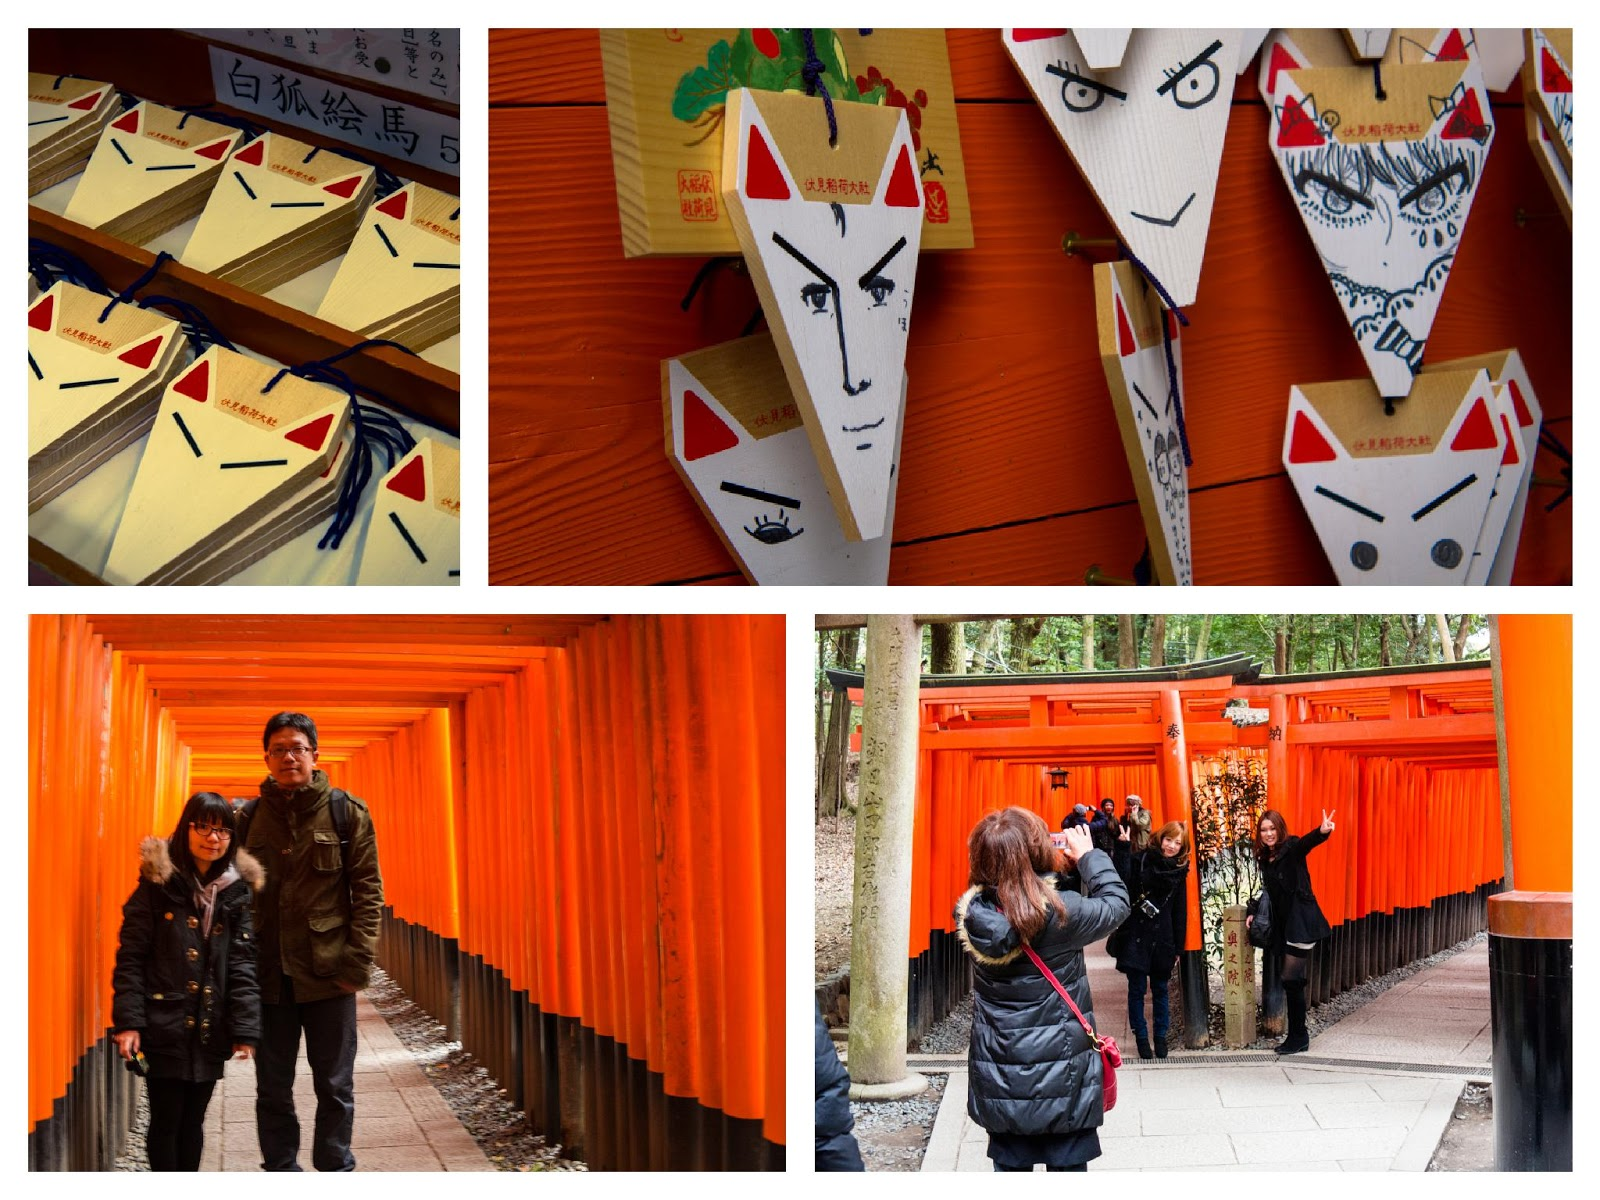 [遊記] 關西 Day3-1 京都 2013/03/01 – 卡式伯亂叫